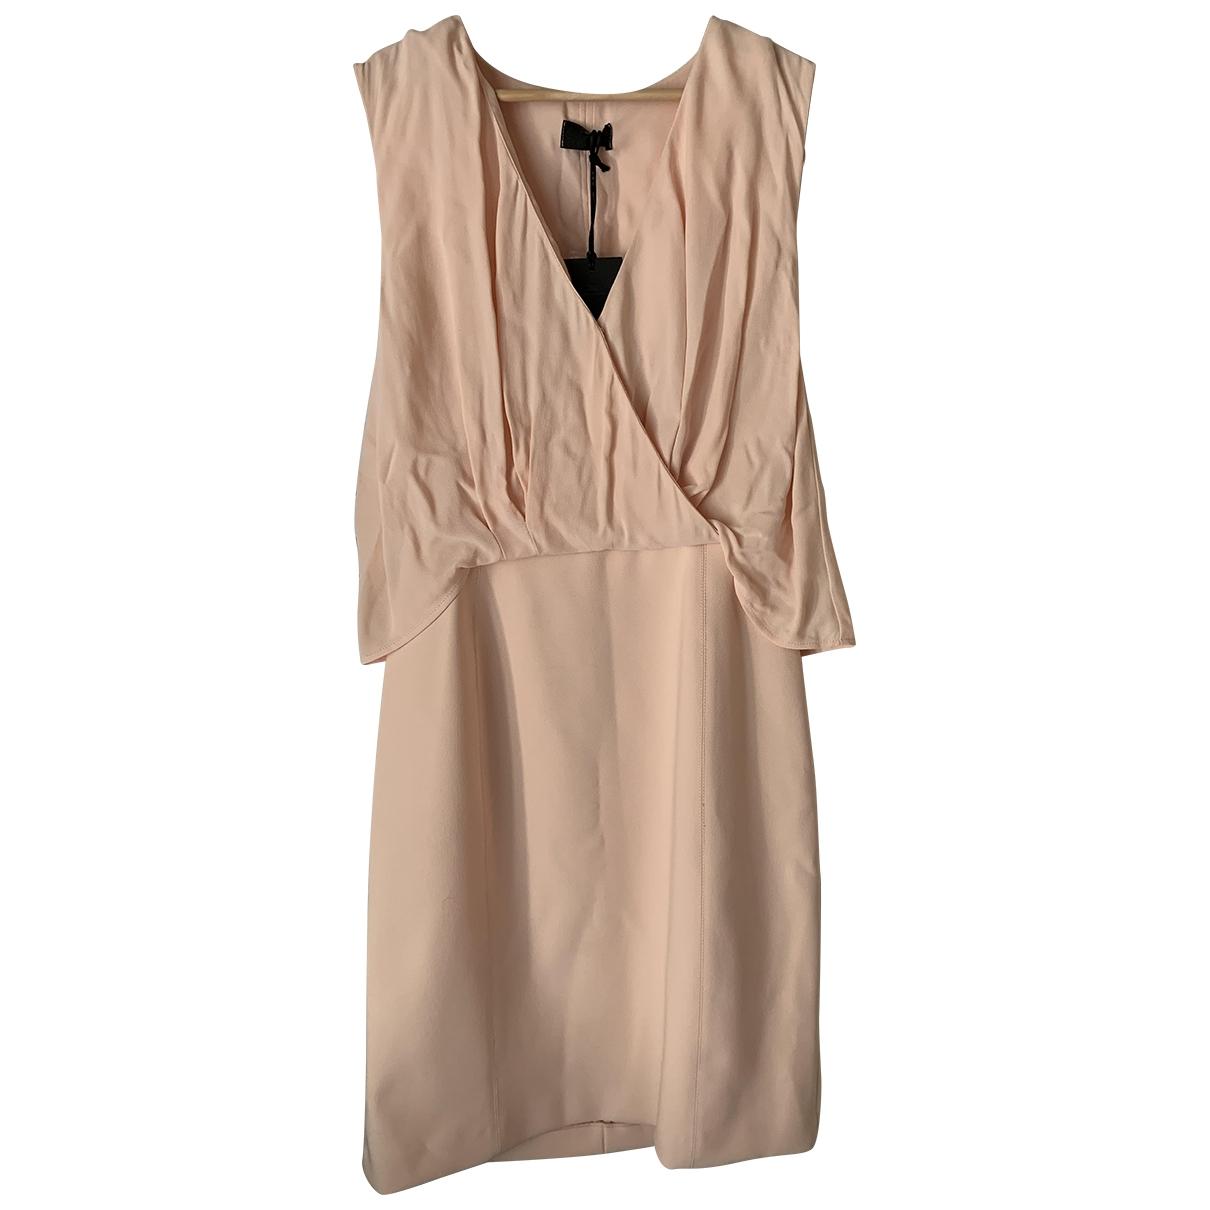 Elisabetta Franchi \N dress for Women 44 IT